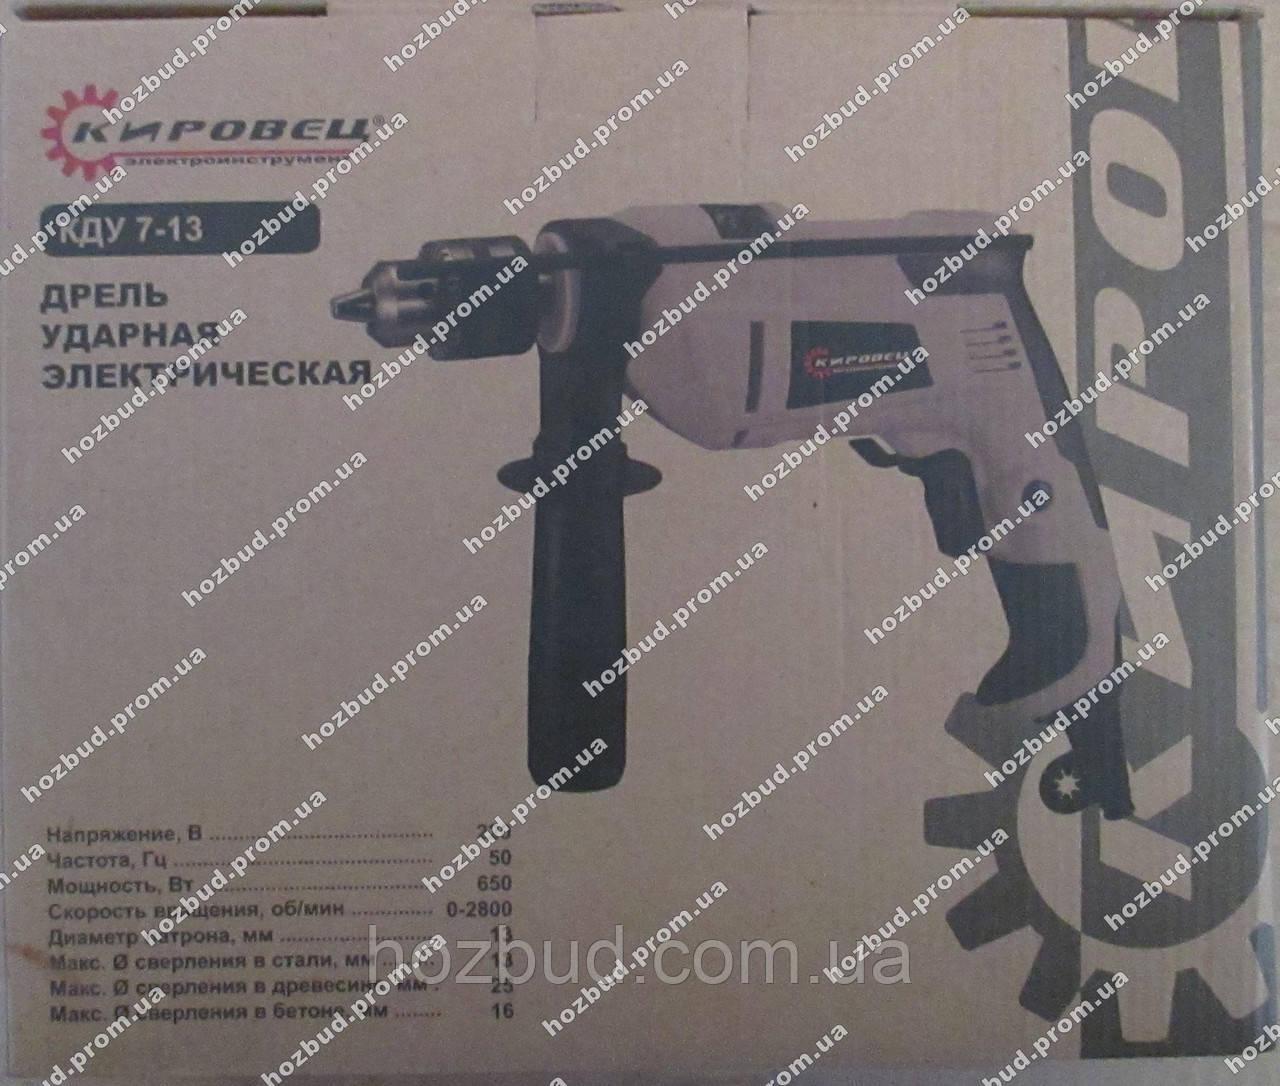 Дрель Кировец 650 Вт